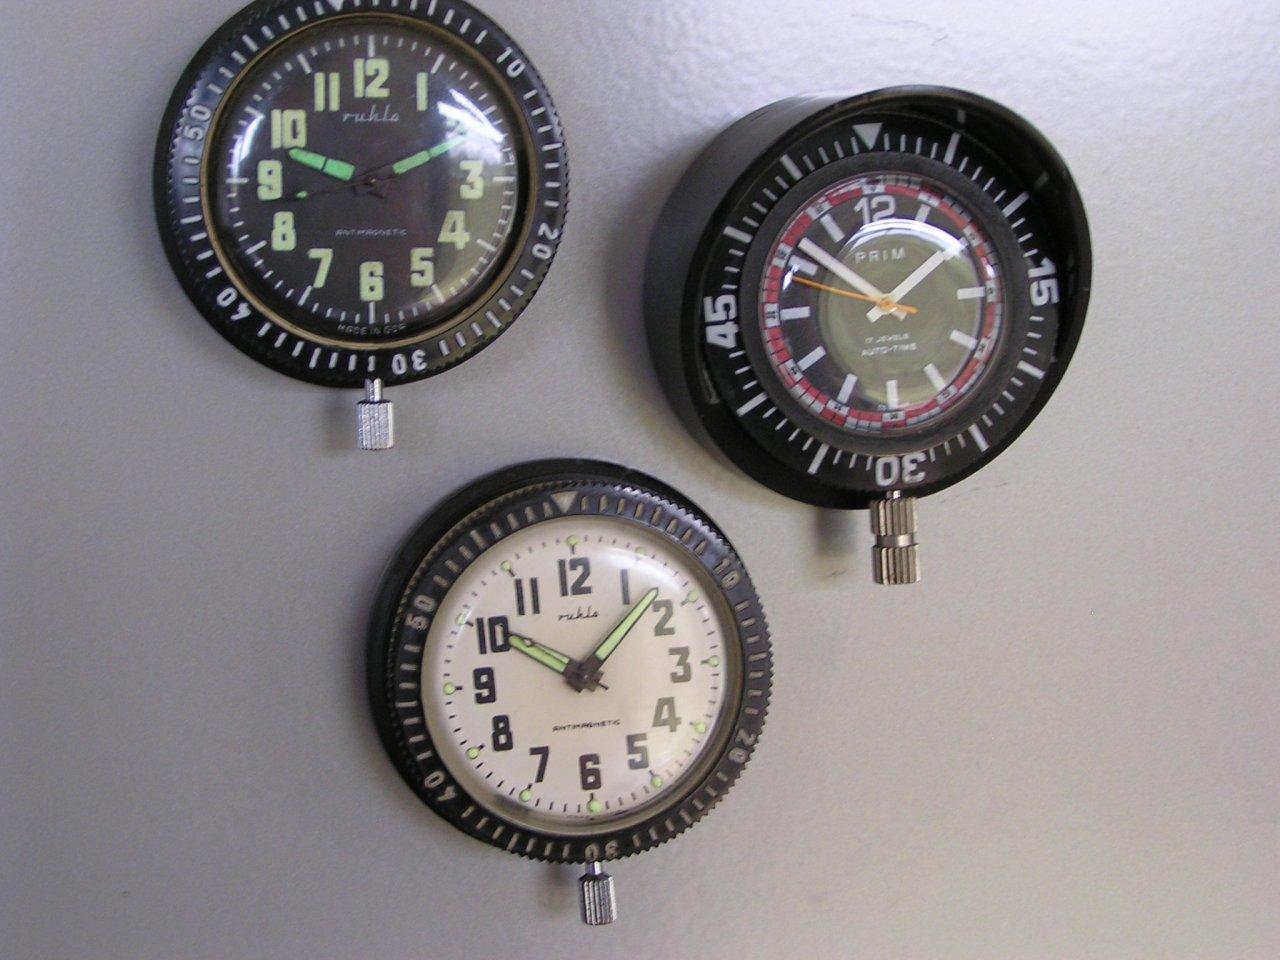 Kühlschrank Uhr Magnetisch : Flohmarktbeute prim und ruhla